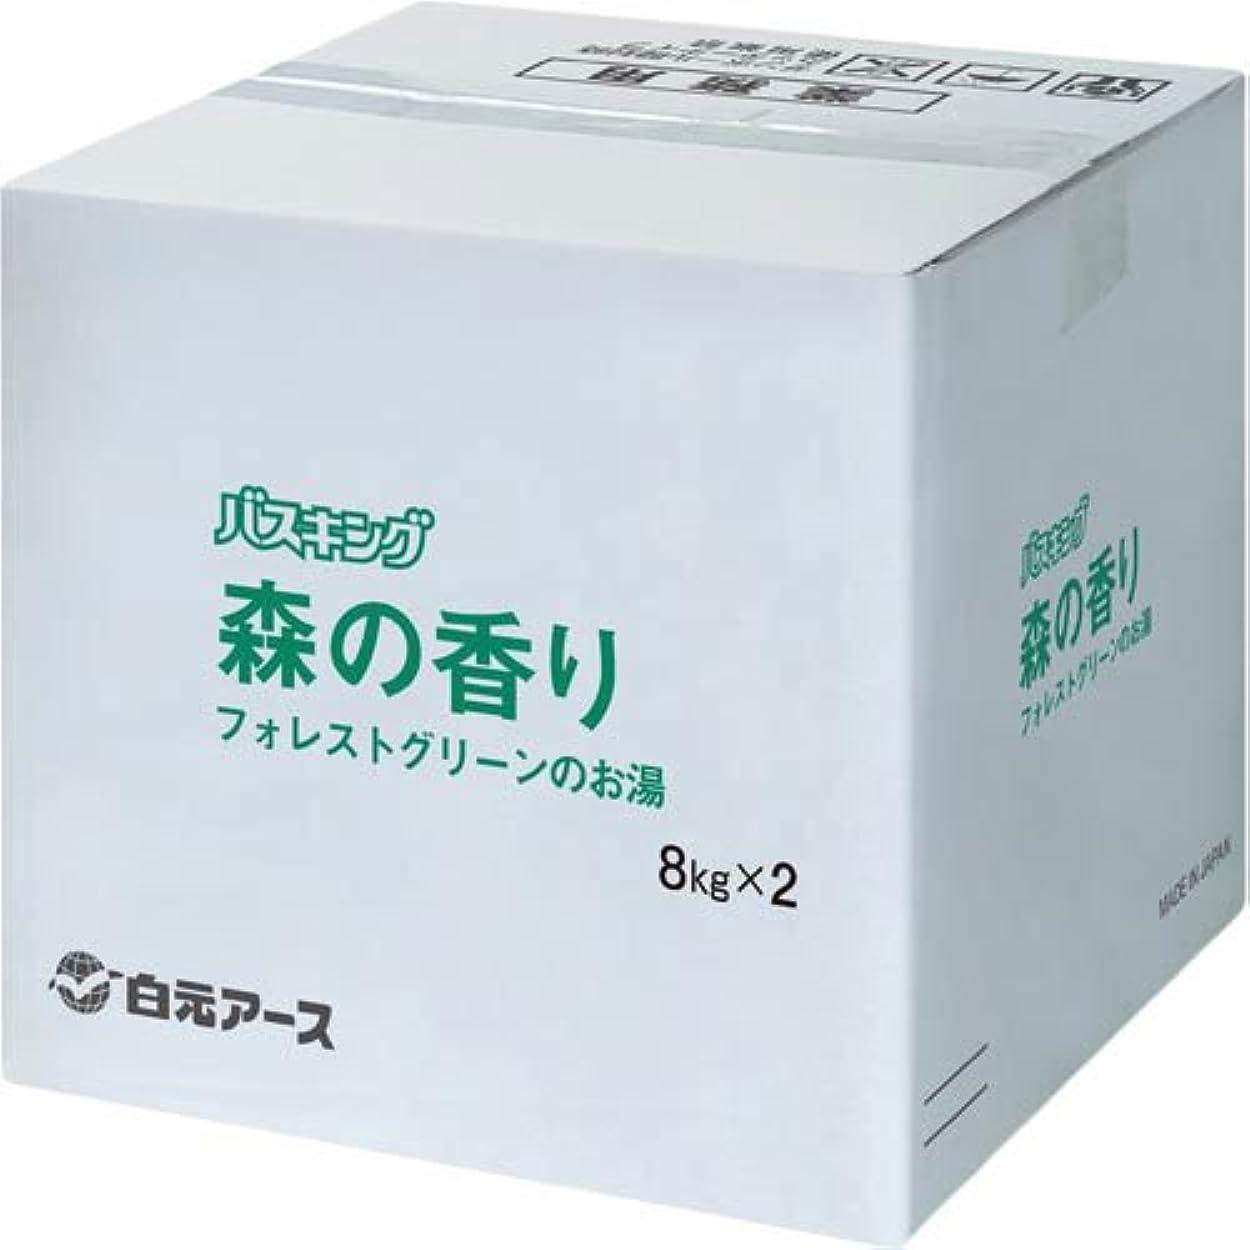 ターゲットガスカラス白元アース バスキング 森の香り 16kg